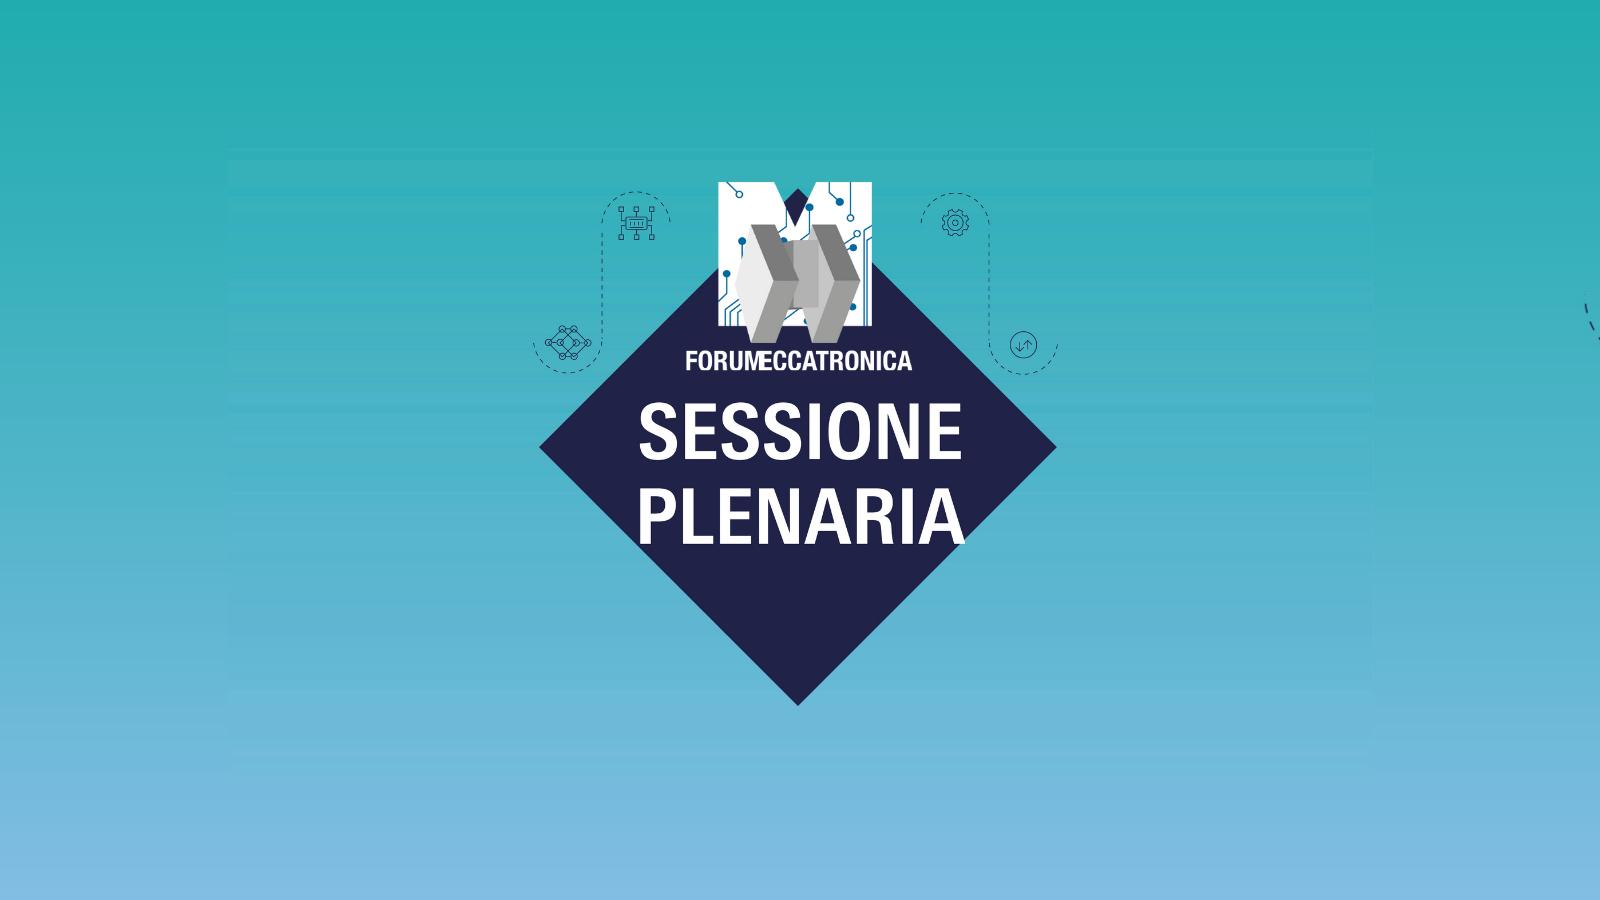 Forum Meccatronica 2021 - Sessione Plenaria